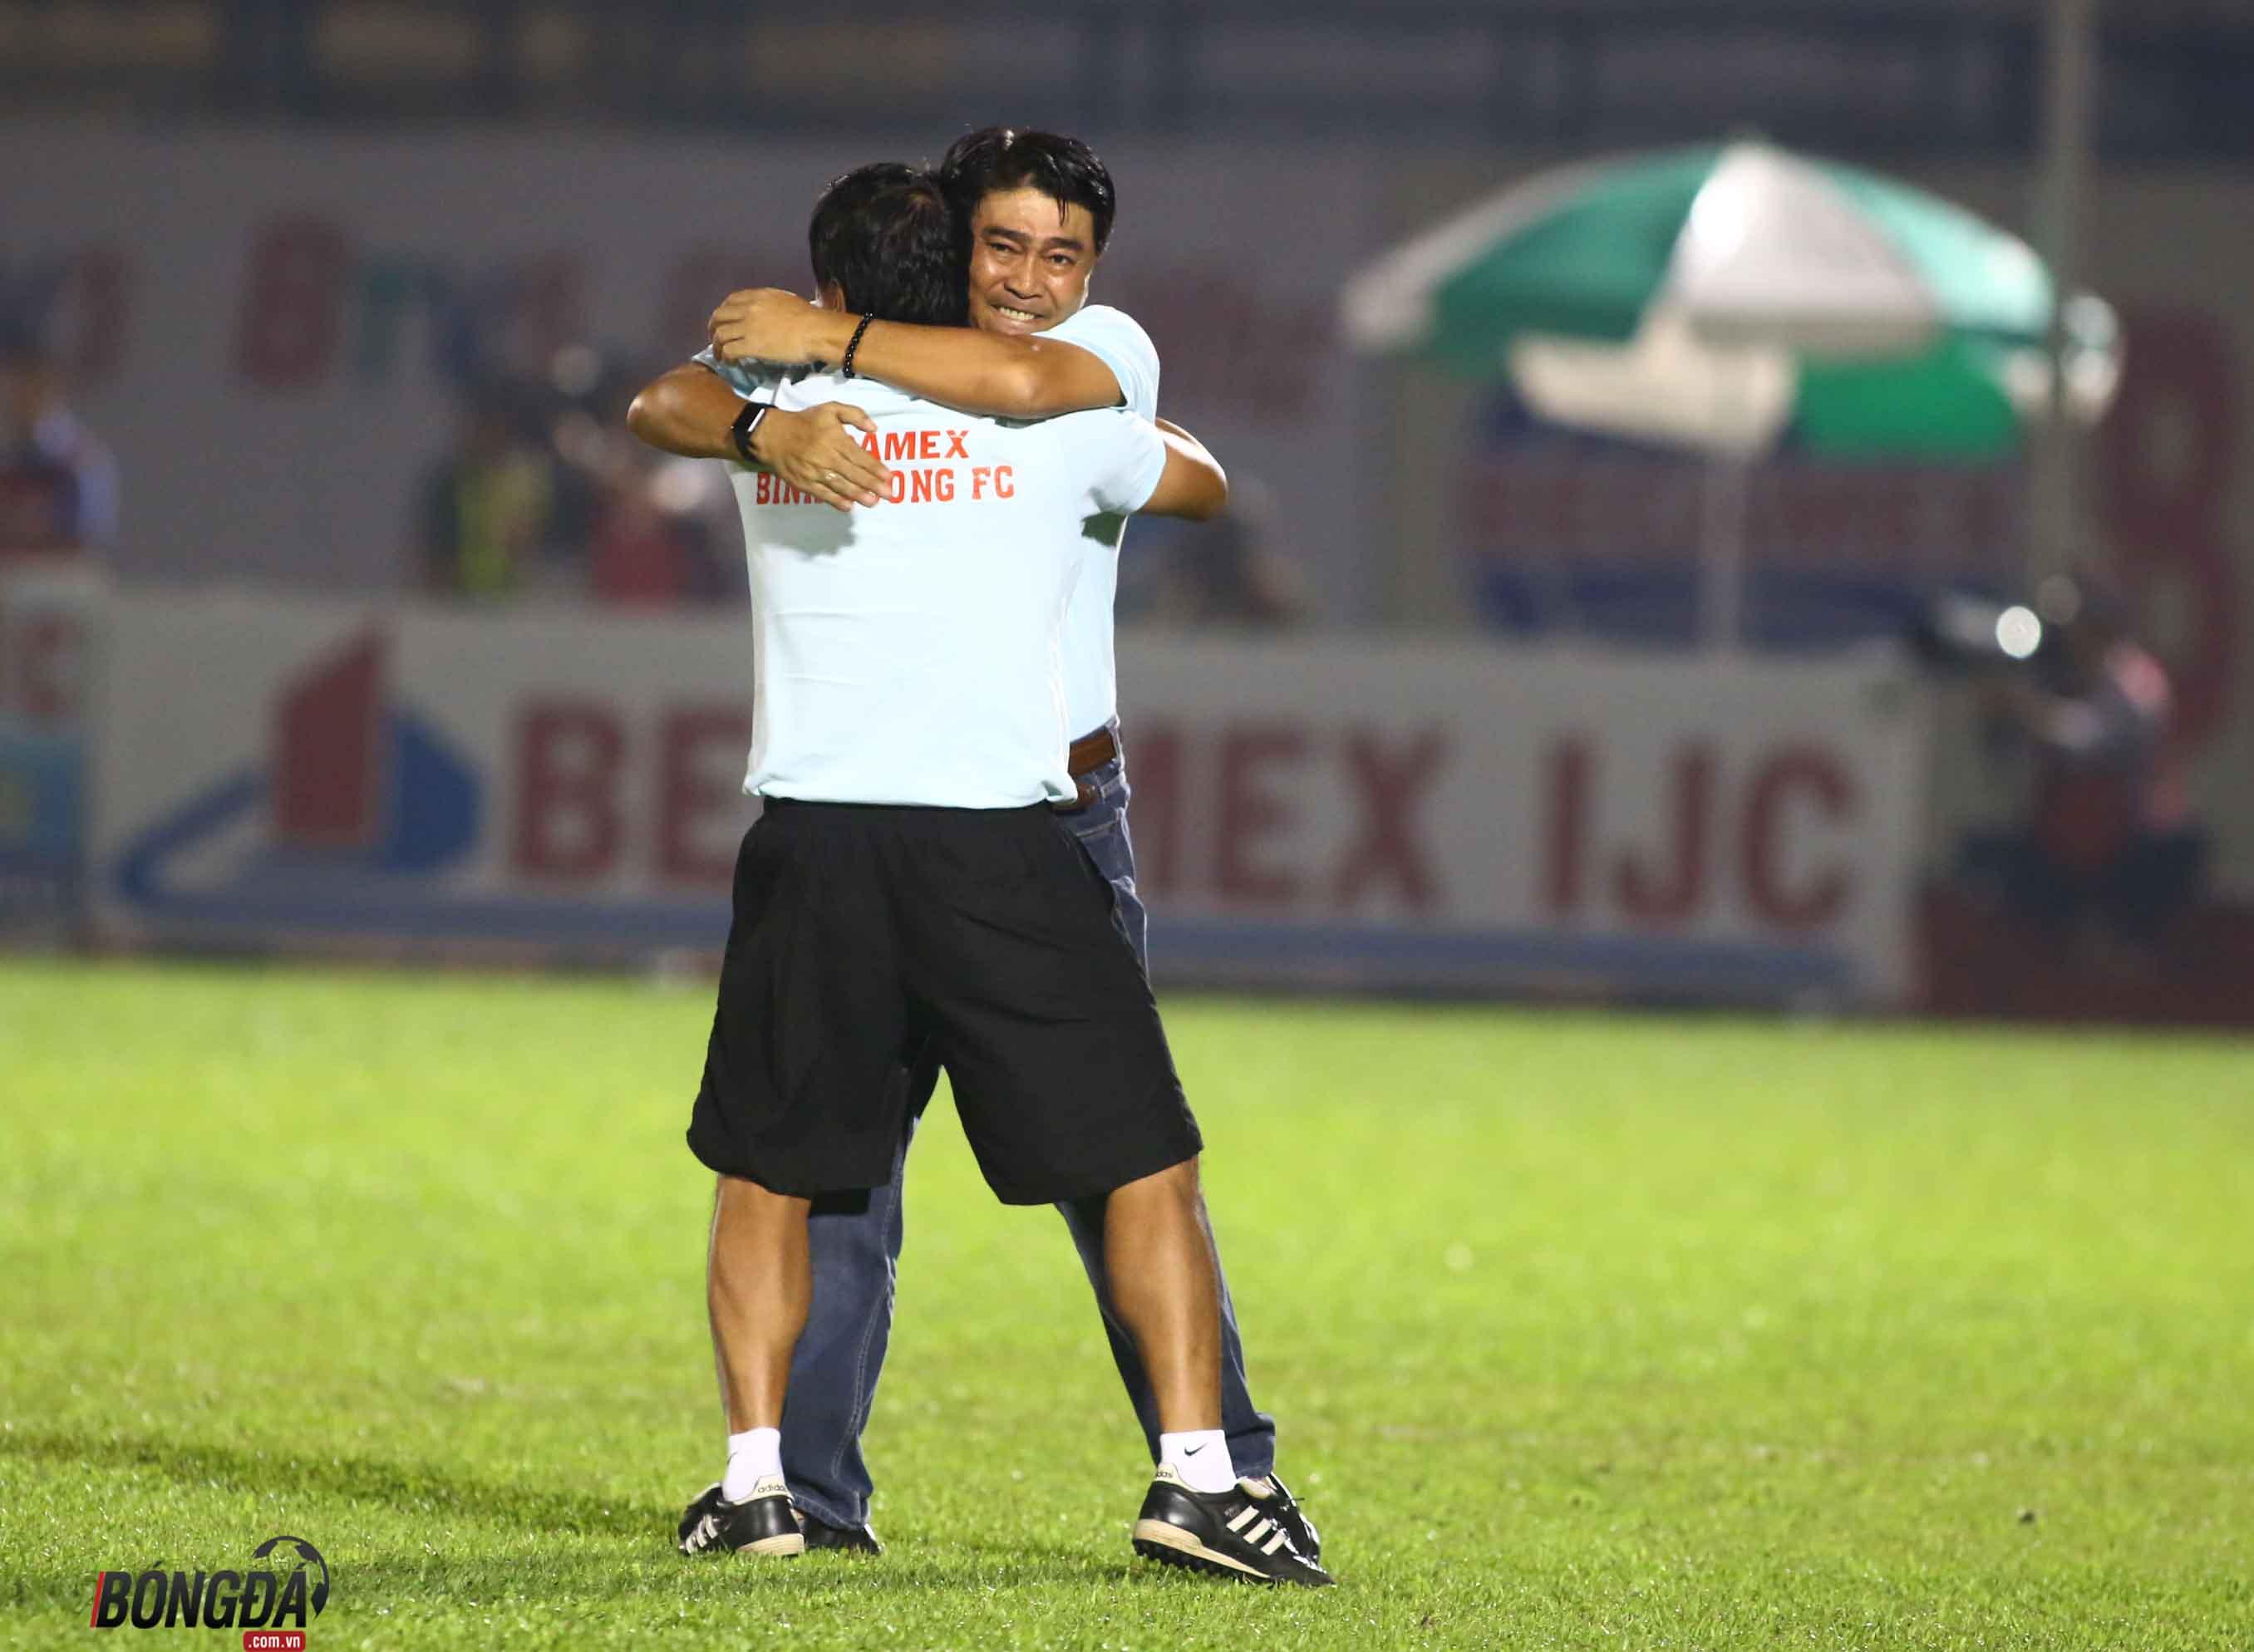 HLV Trần Minh Chiến tôi chỉ mất 5 phút lên giáo án, đấu pháp trận gặp Hà Nội FC - Bóng Đá